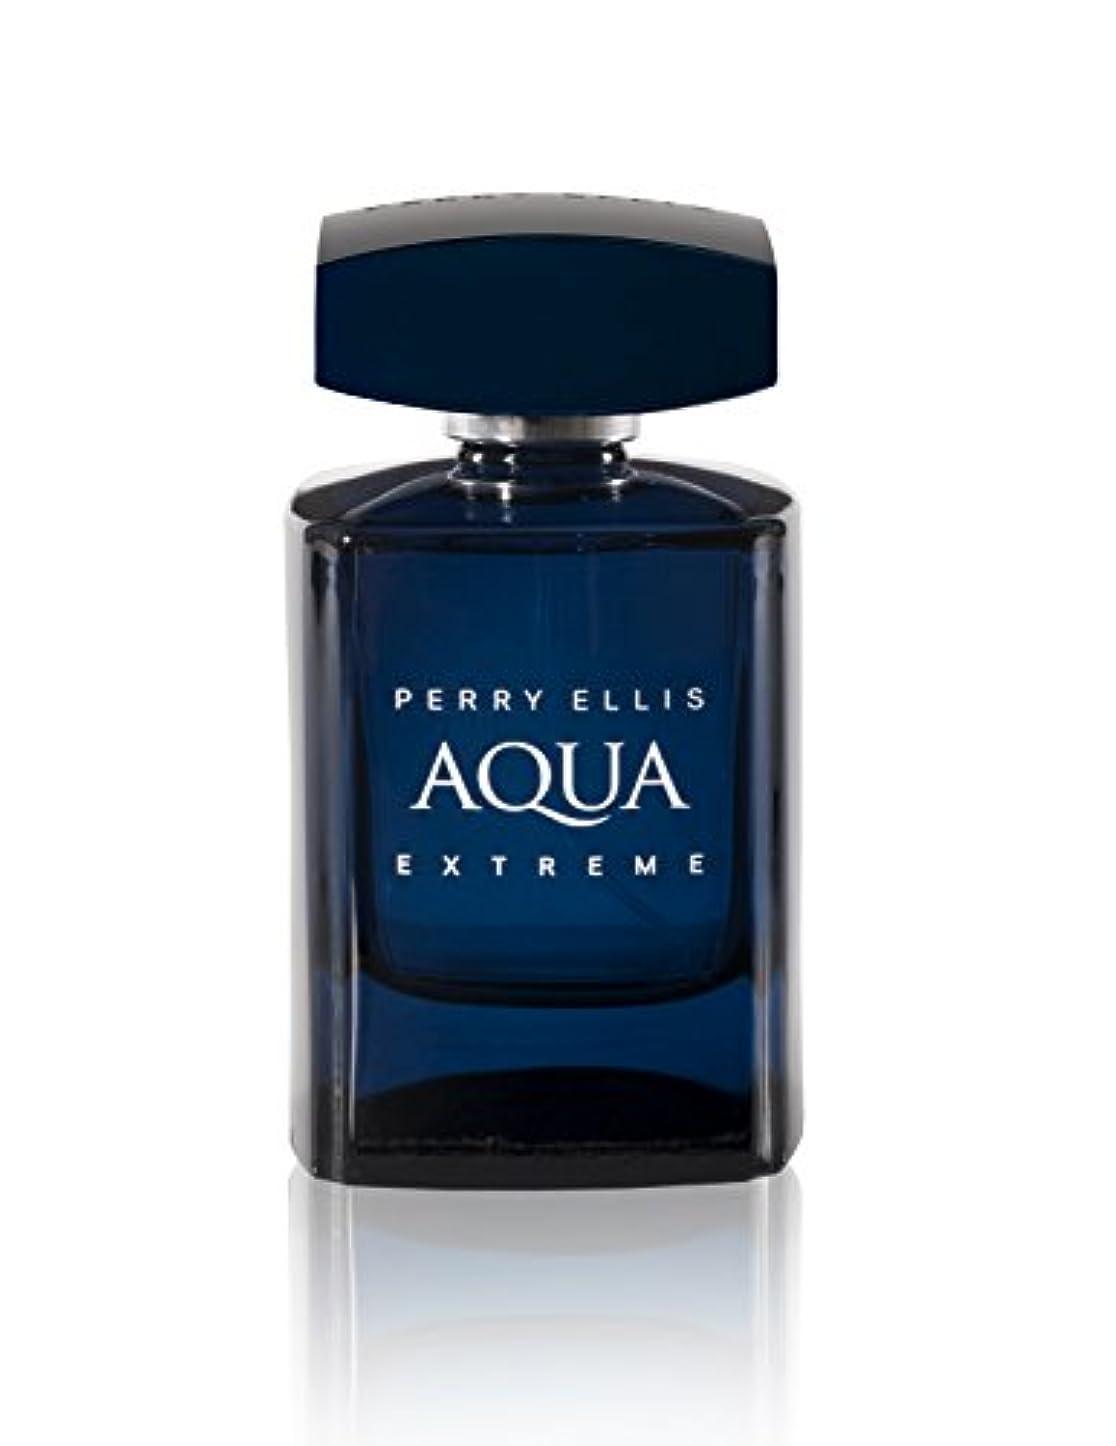 嵐トイレ一貫性のないPerry Ellis Aqua Extreme 100ml/3.4oz Eau de Toilette Spray EDT Cologne for Men